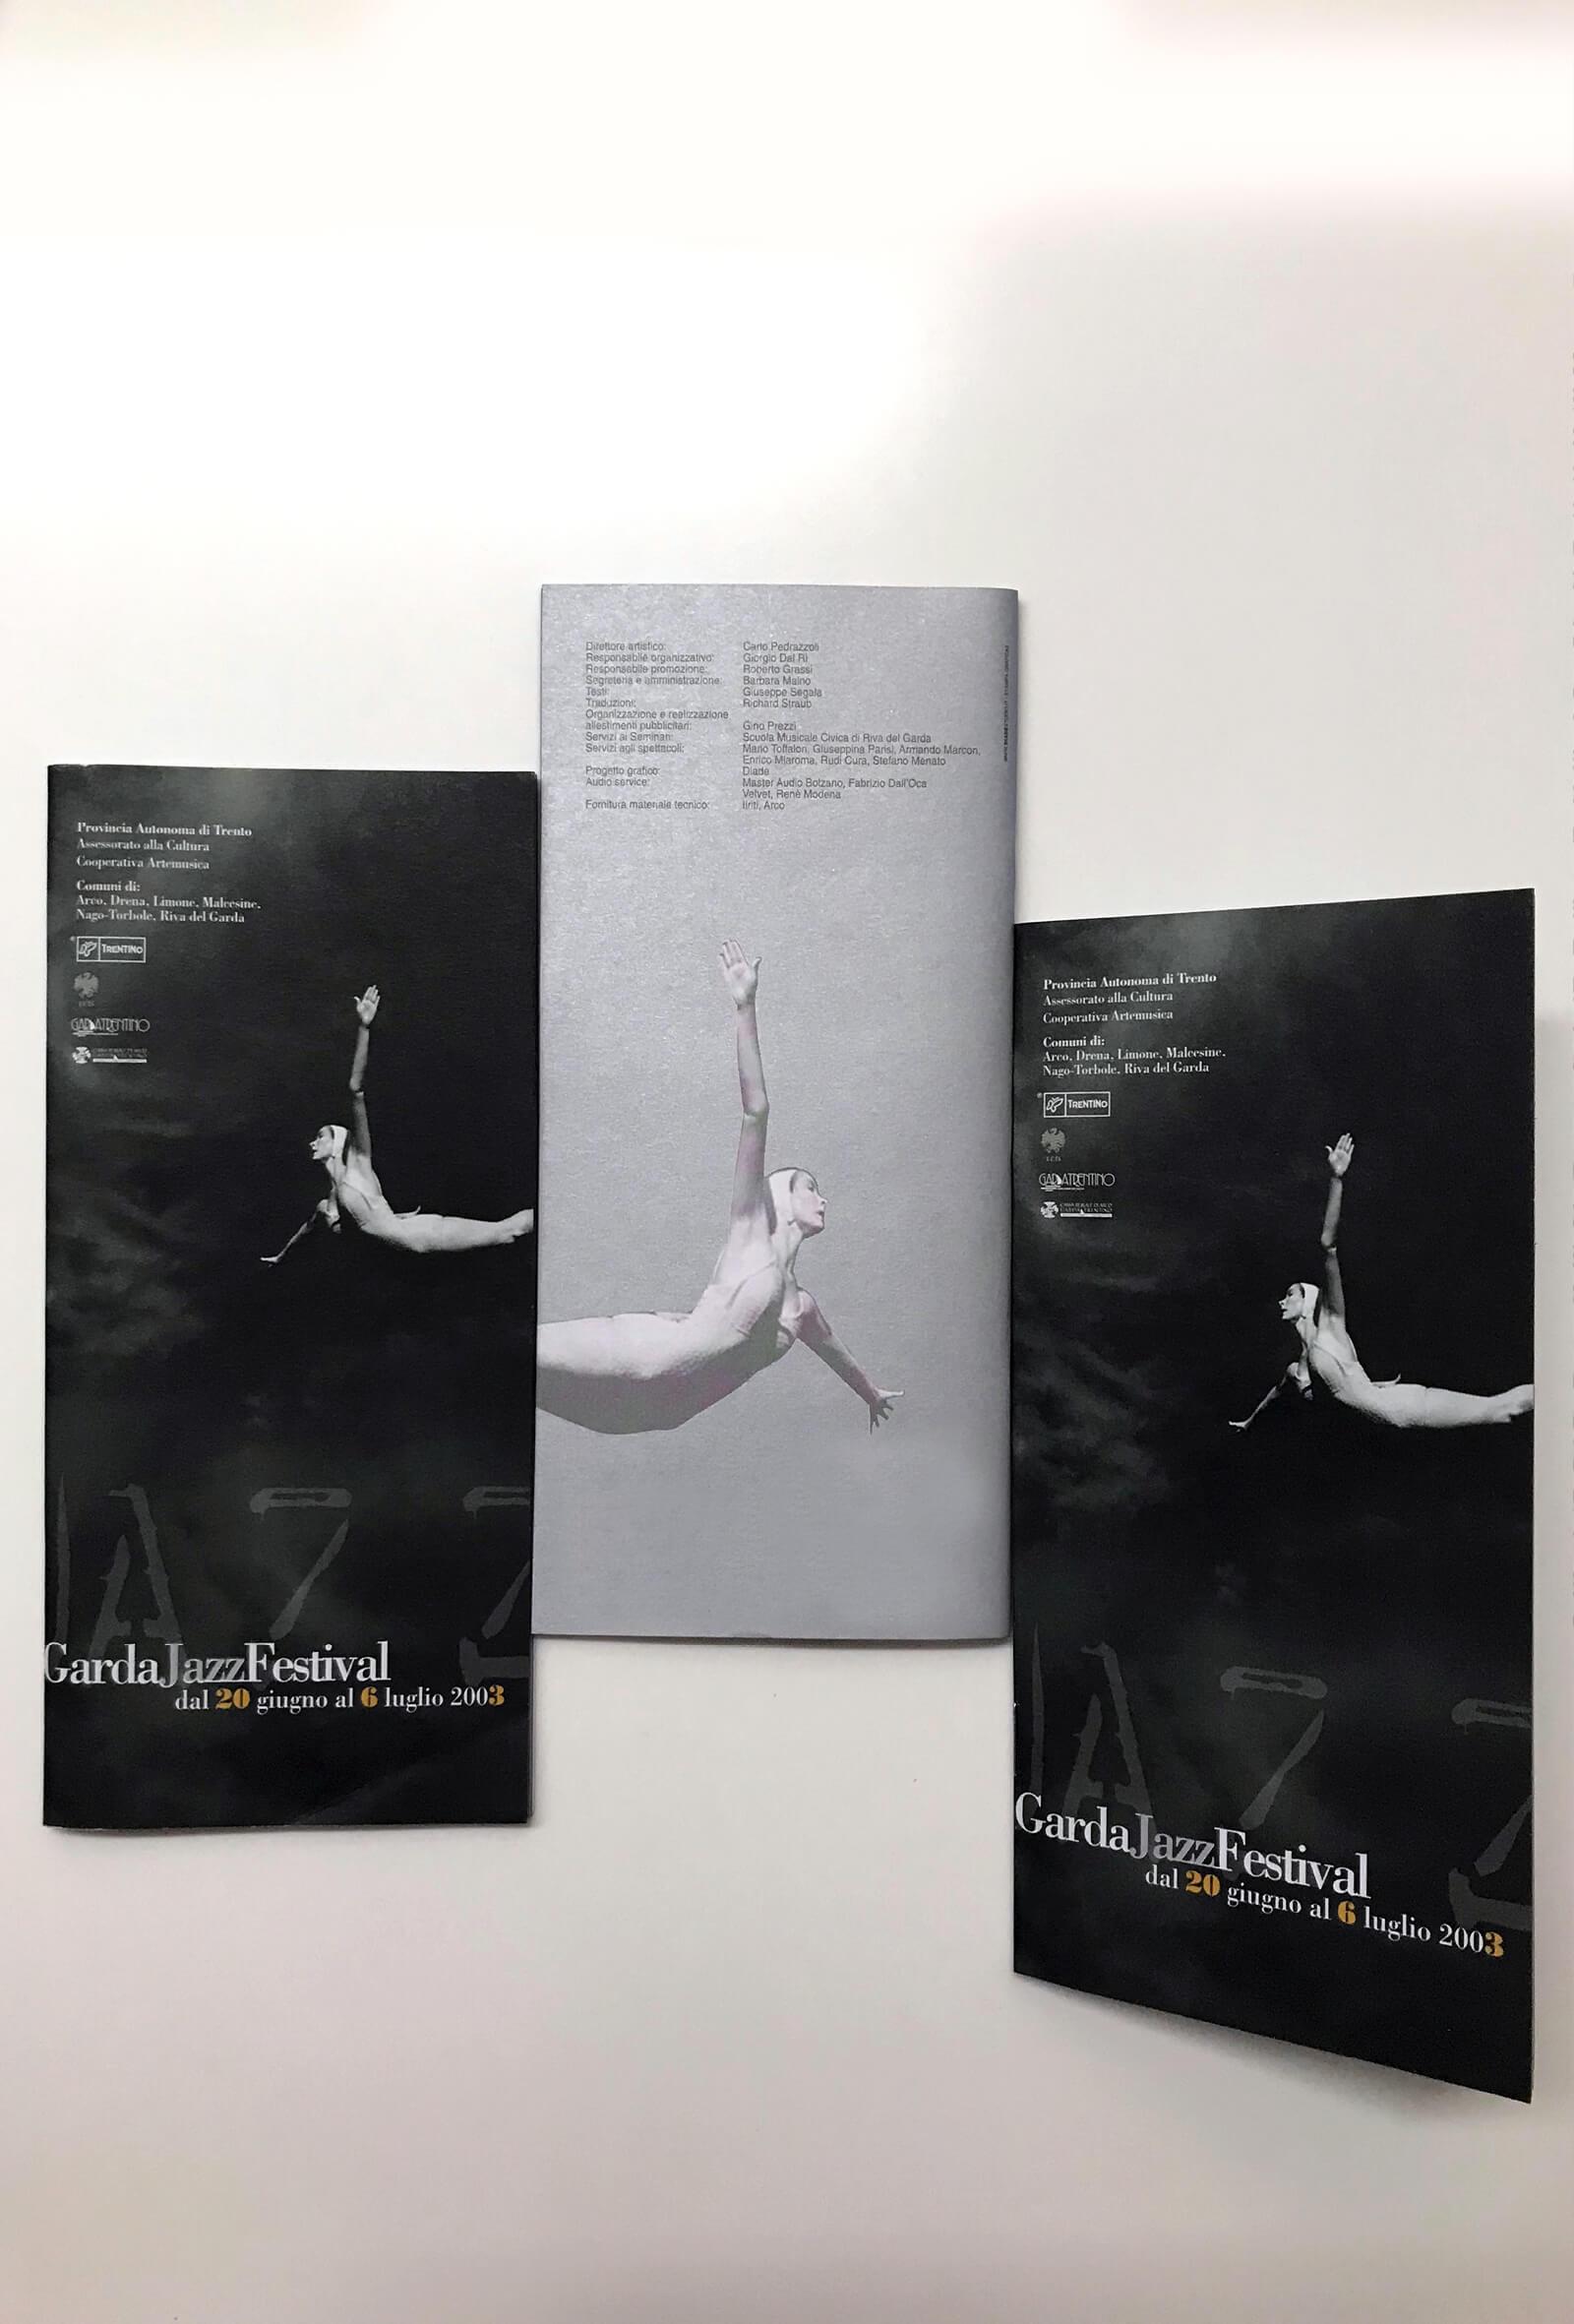 dettaglio di copertina della brochure stampata su carta argento, realizzata per garda jazz festival, e progettata dalla agenzia di comunicazione diade studio arco di trento